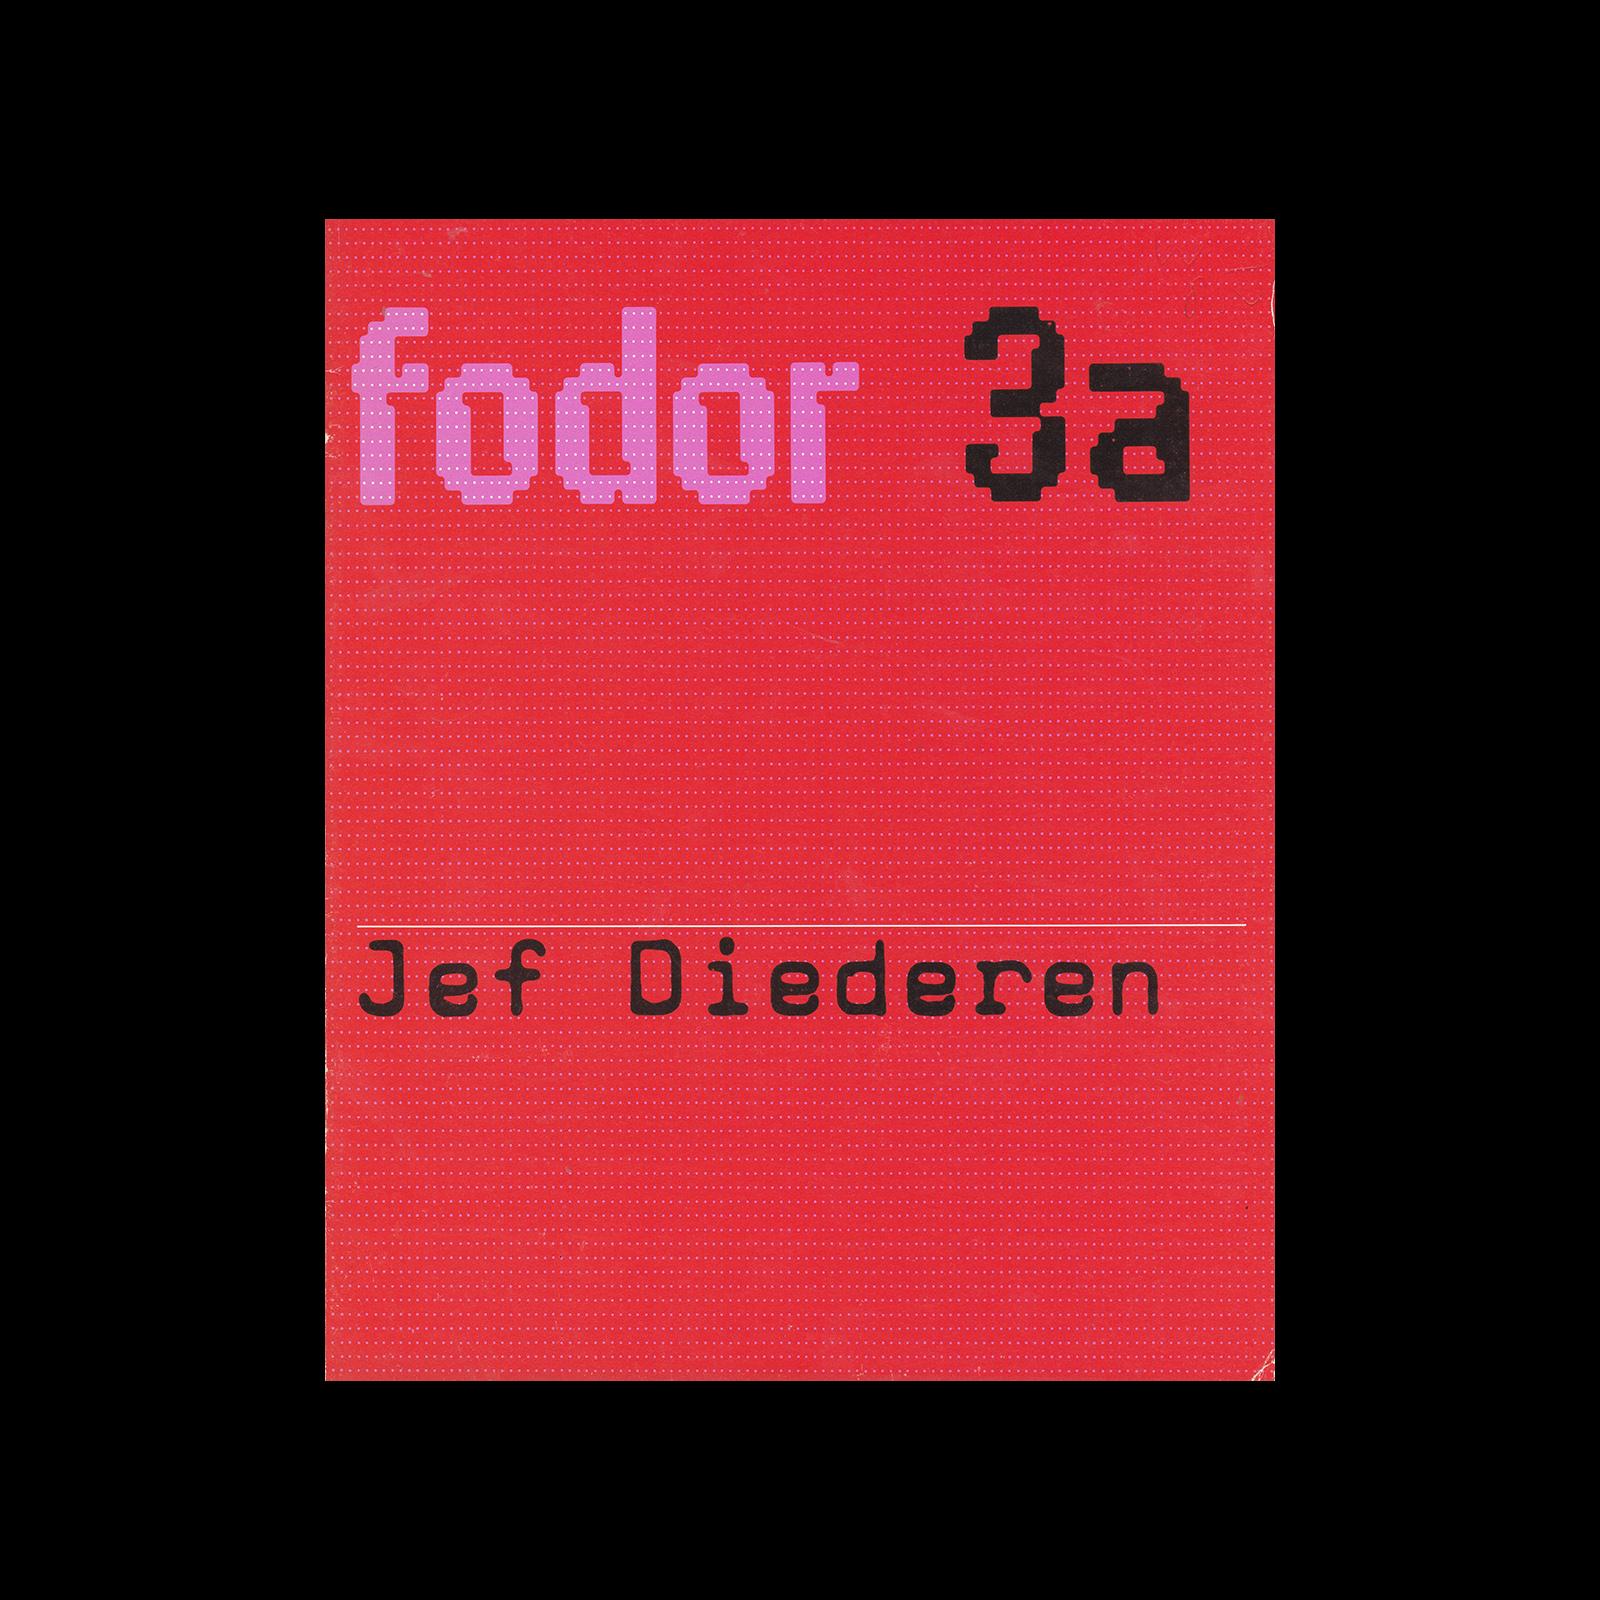 Fodor 3a, 1972 - Jef Diederen. Designed by Wim Crouwel.